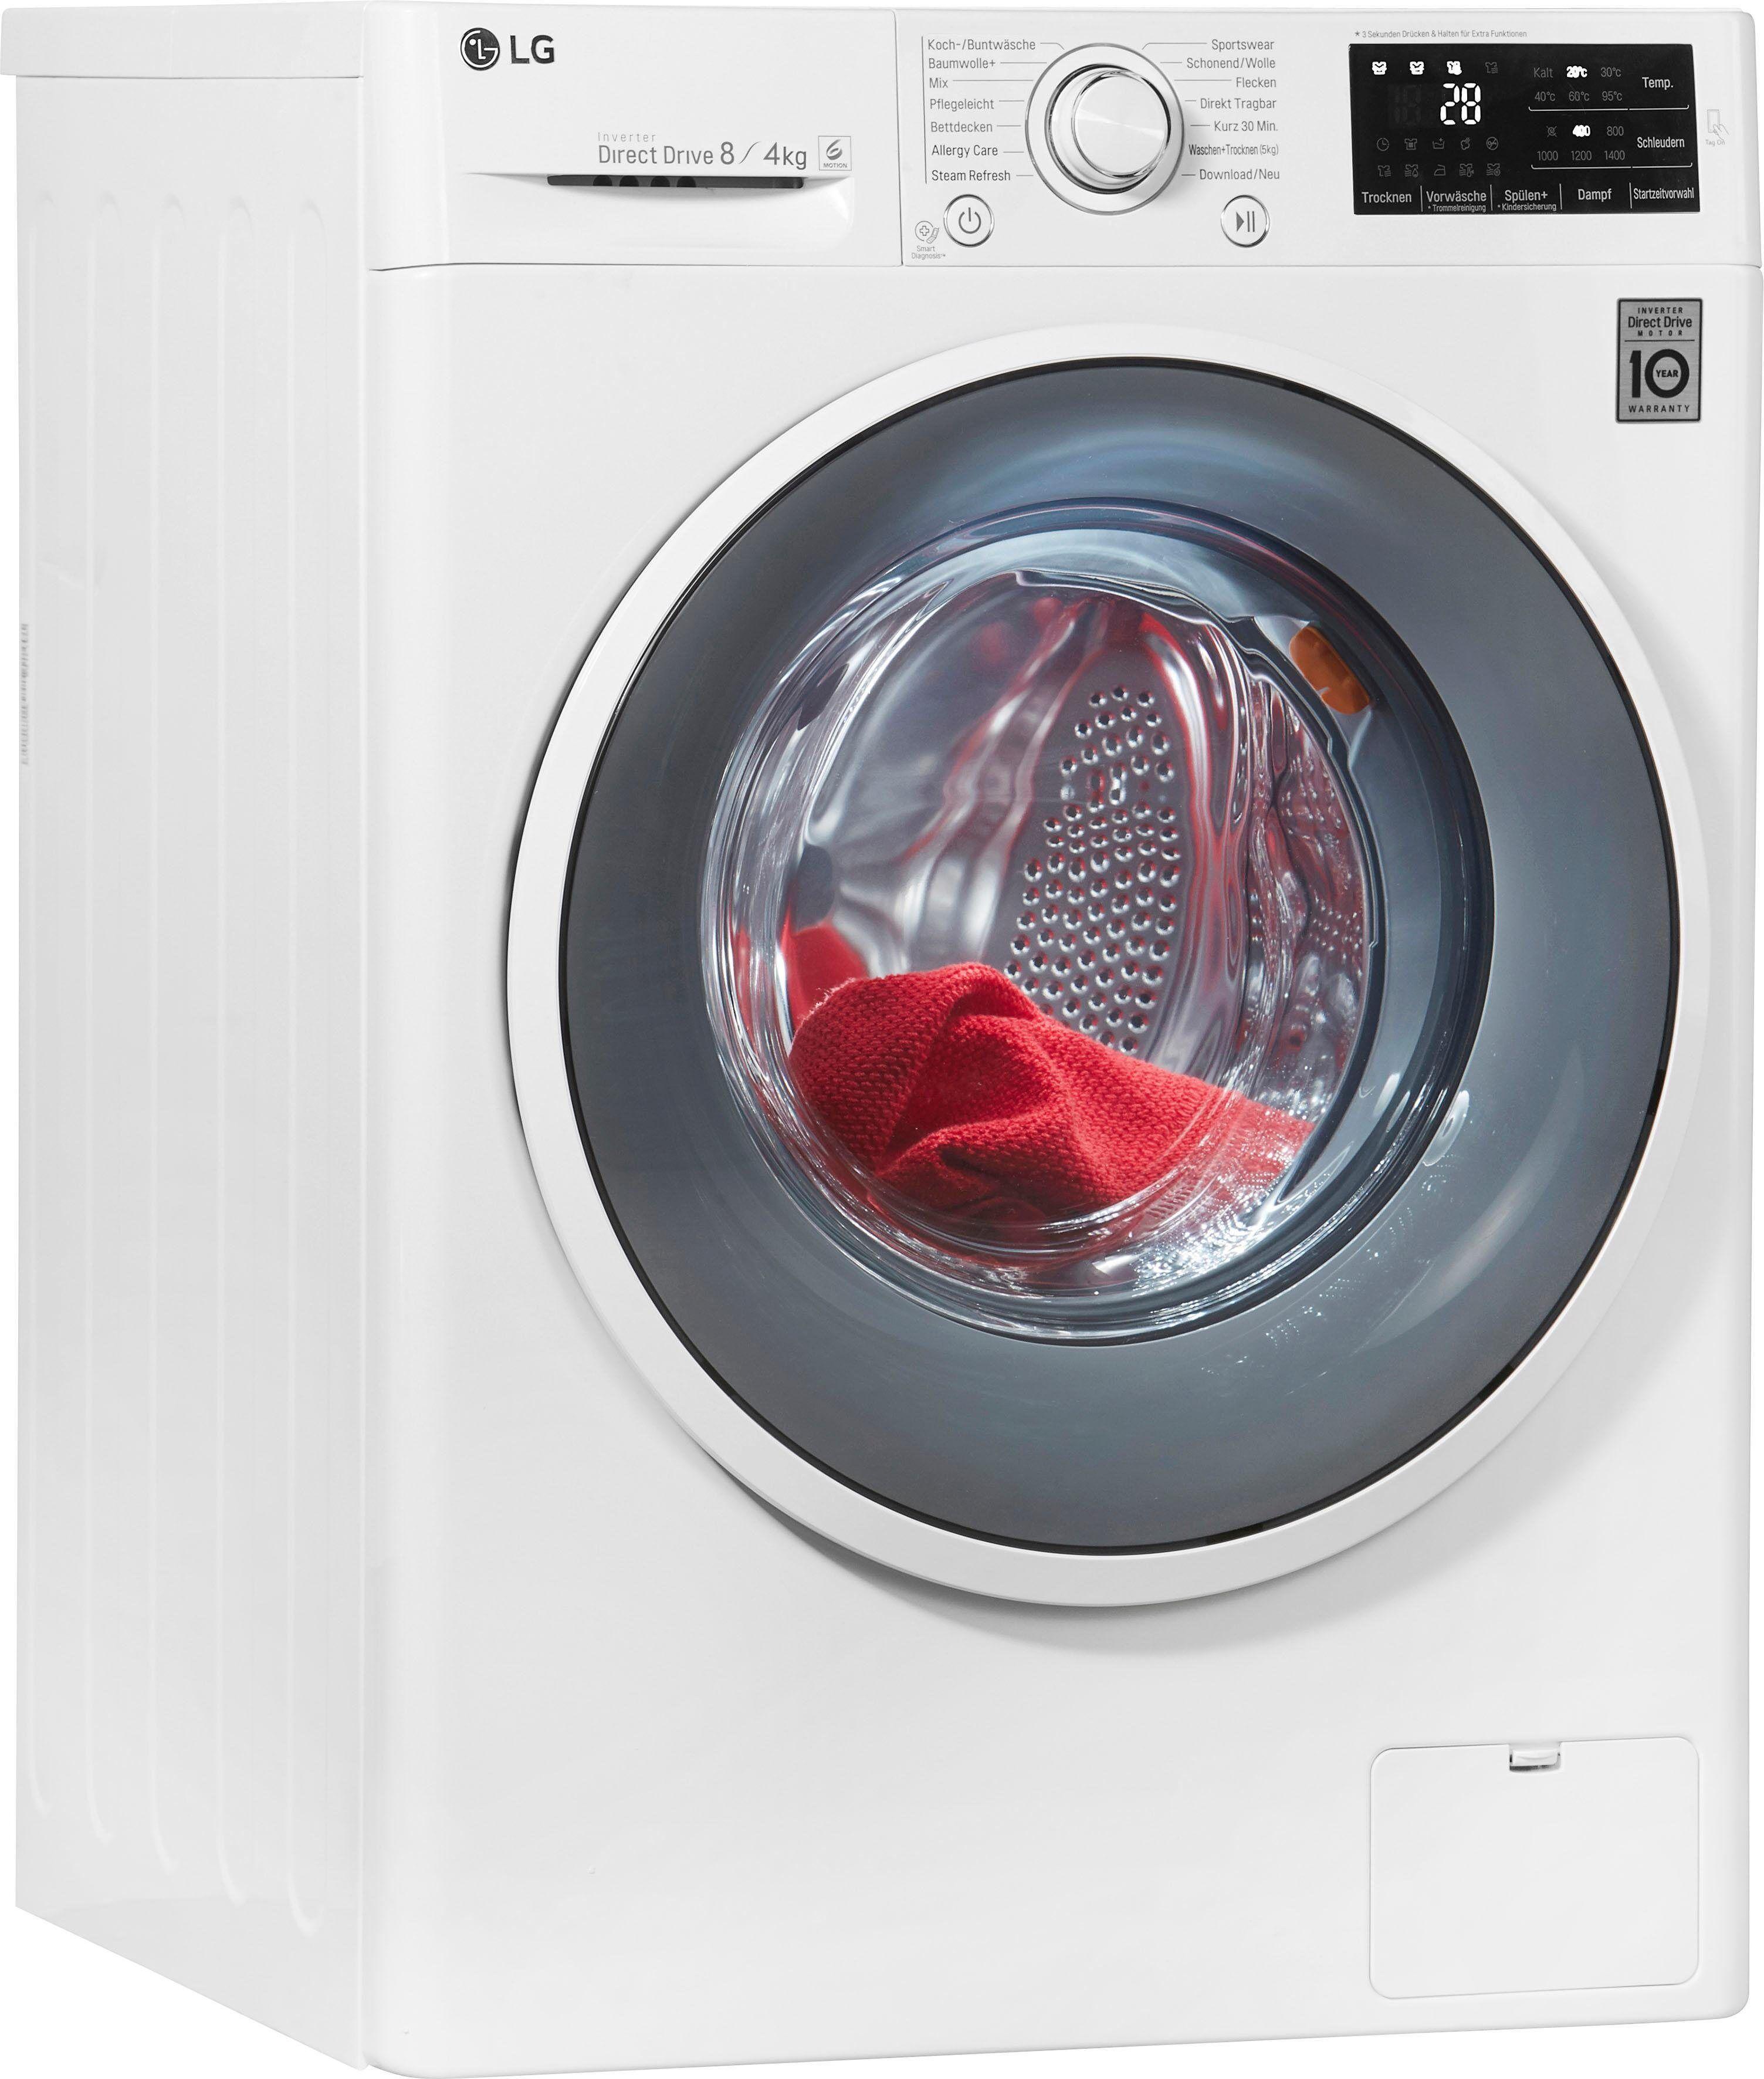 LG Waschtrockner F14WD84EN0, 8 kg/4 kg, 1400 U/Min, Energieeffizienzklasse A